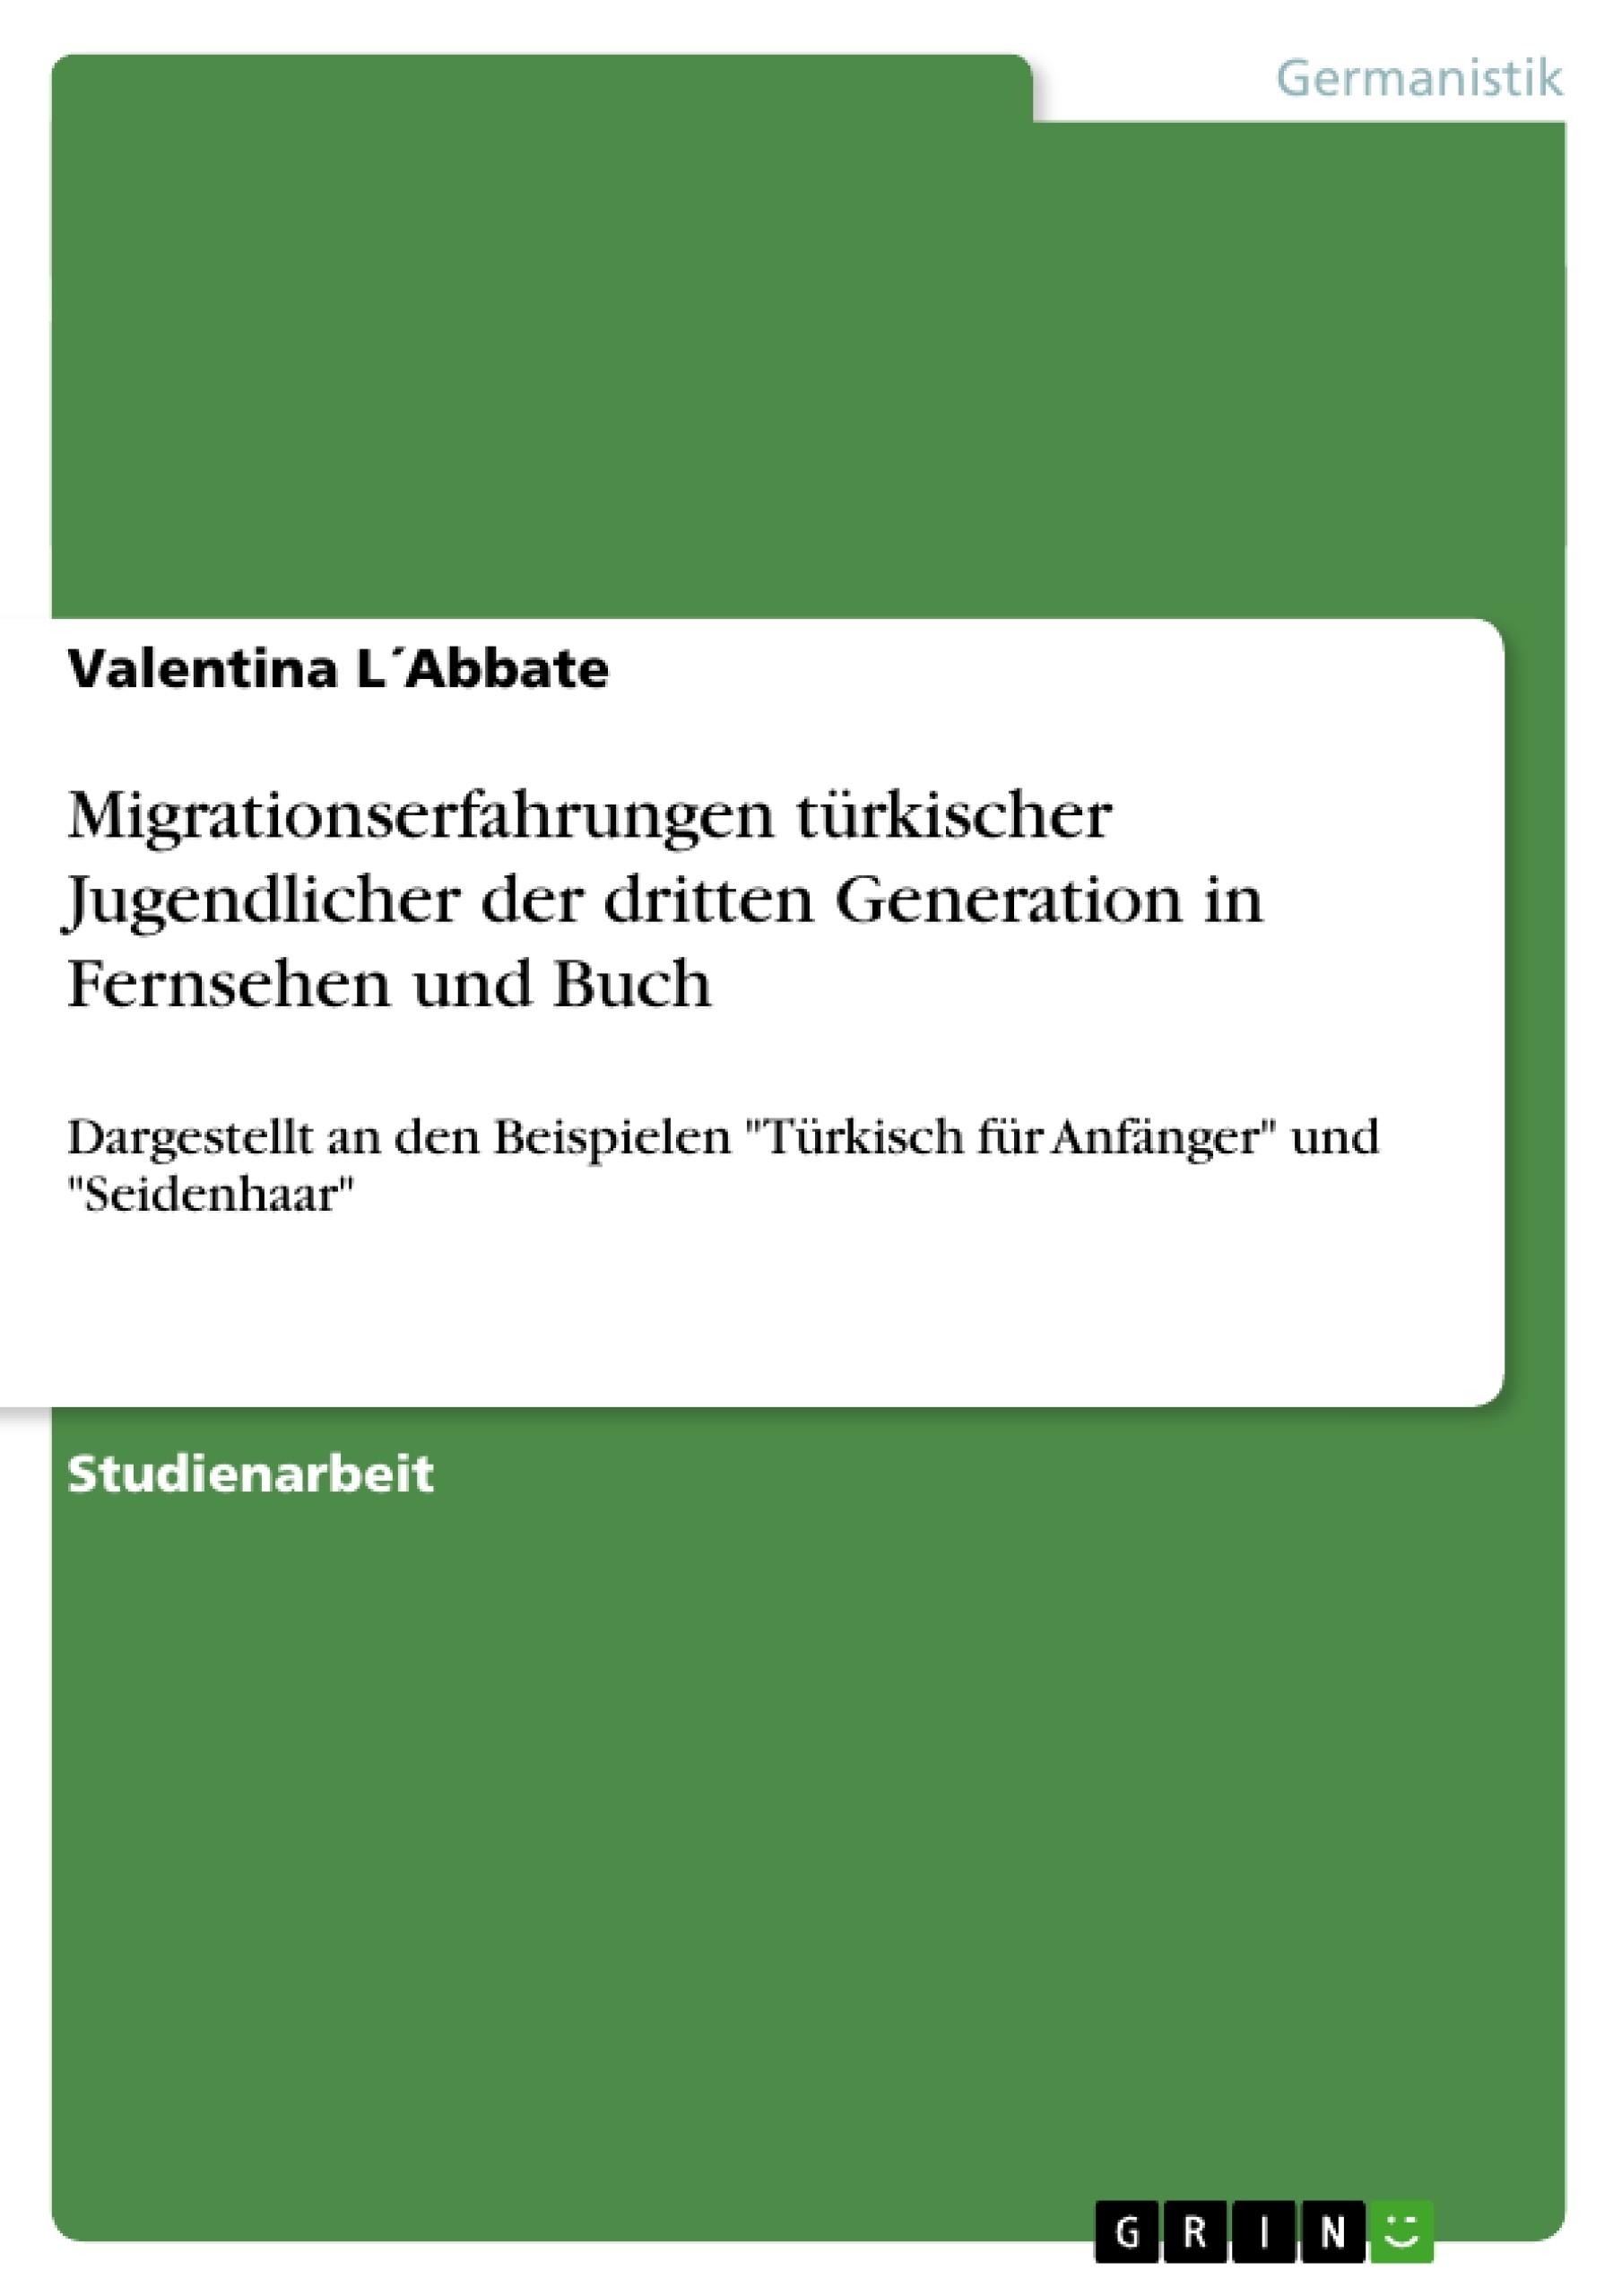 Titel: Migrationserfahrungen türkischer Jugendlicher der dritten Generation in Fernsehen und Buch